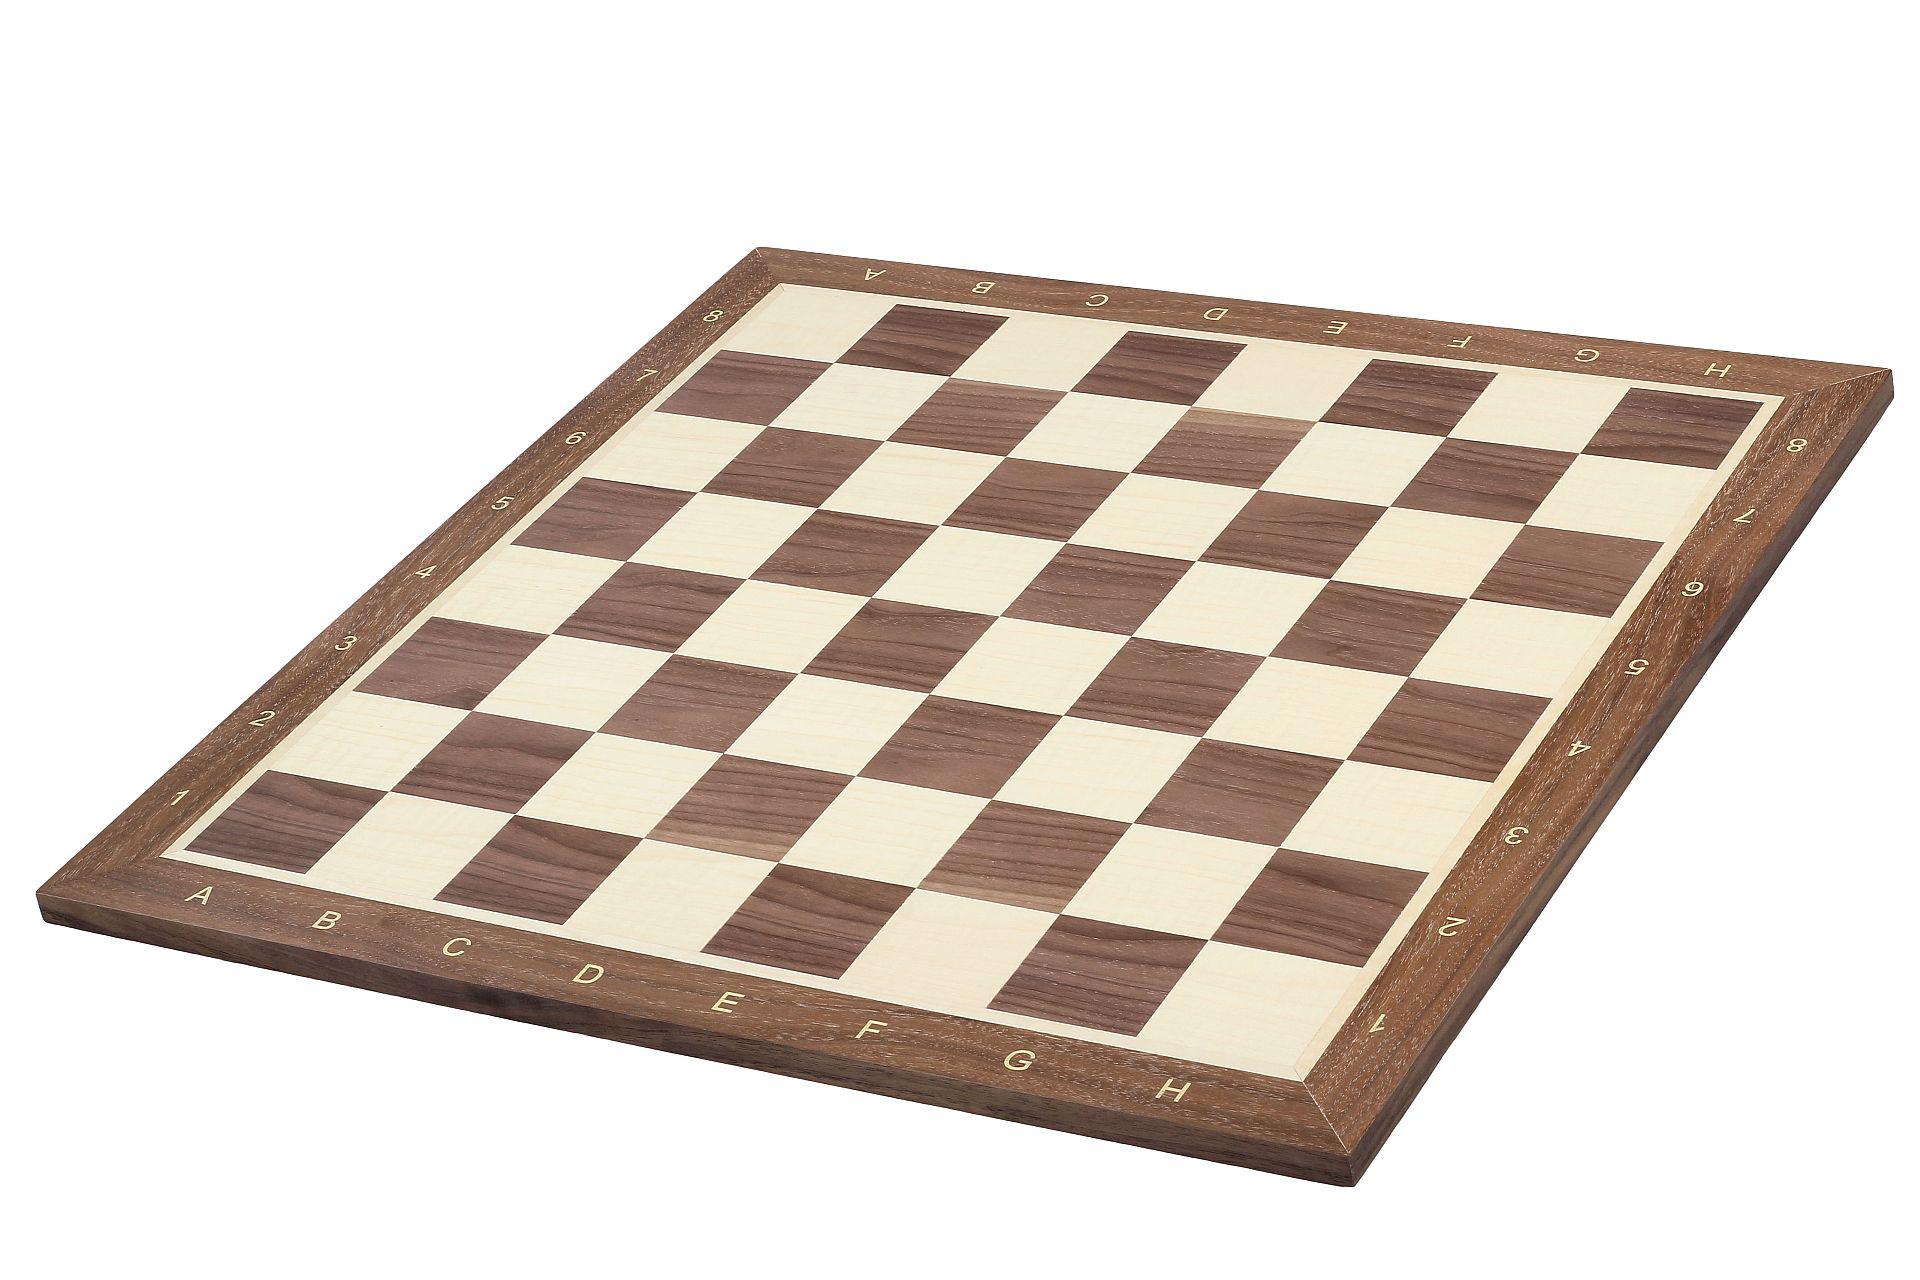 Najlepsze szachownice